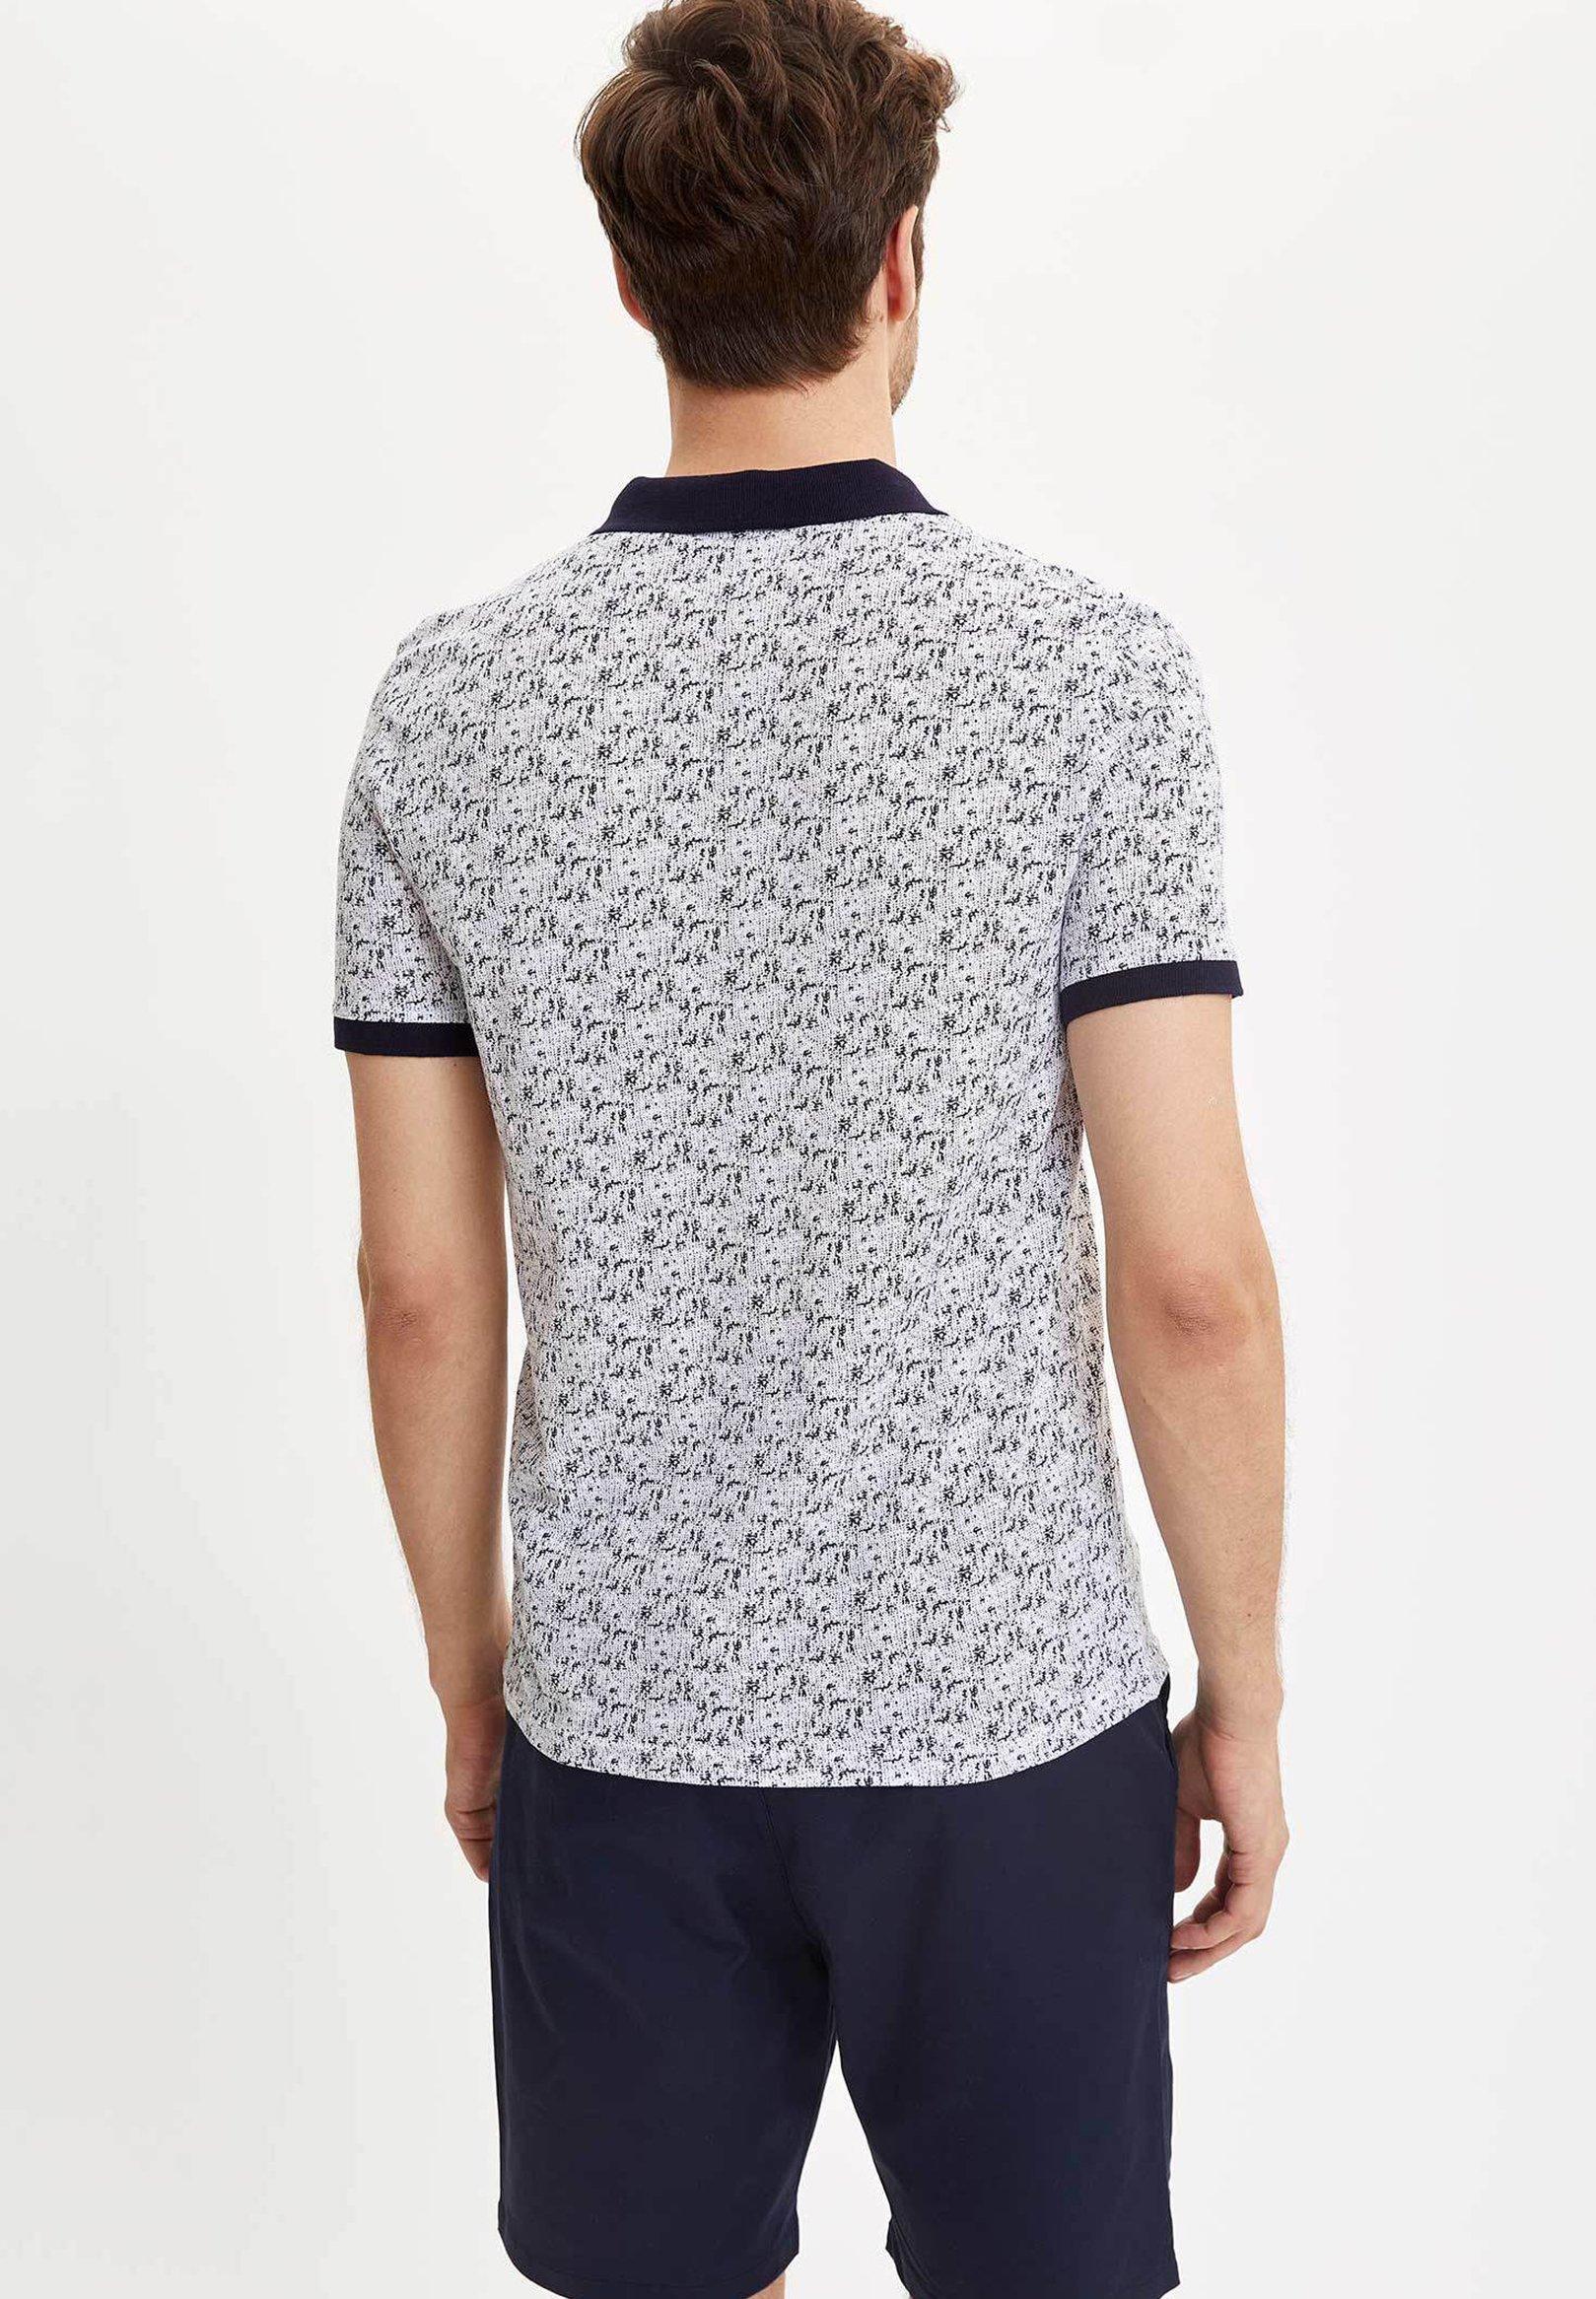 DeFacto Polo shirt - white IRmvQ